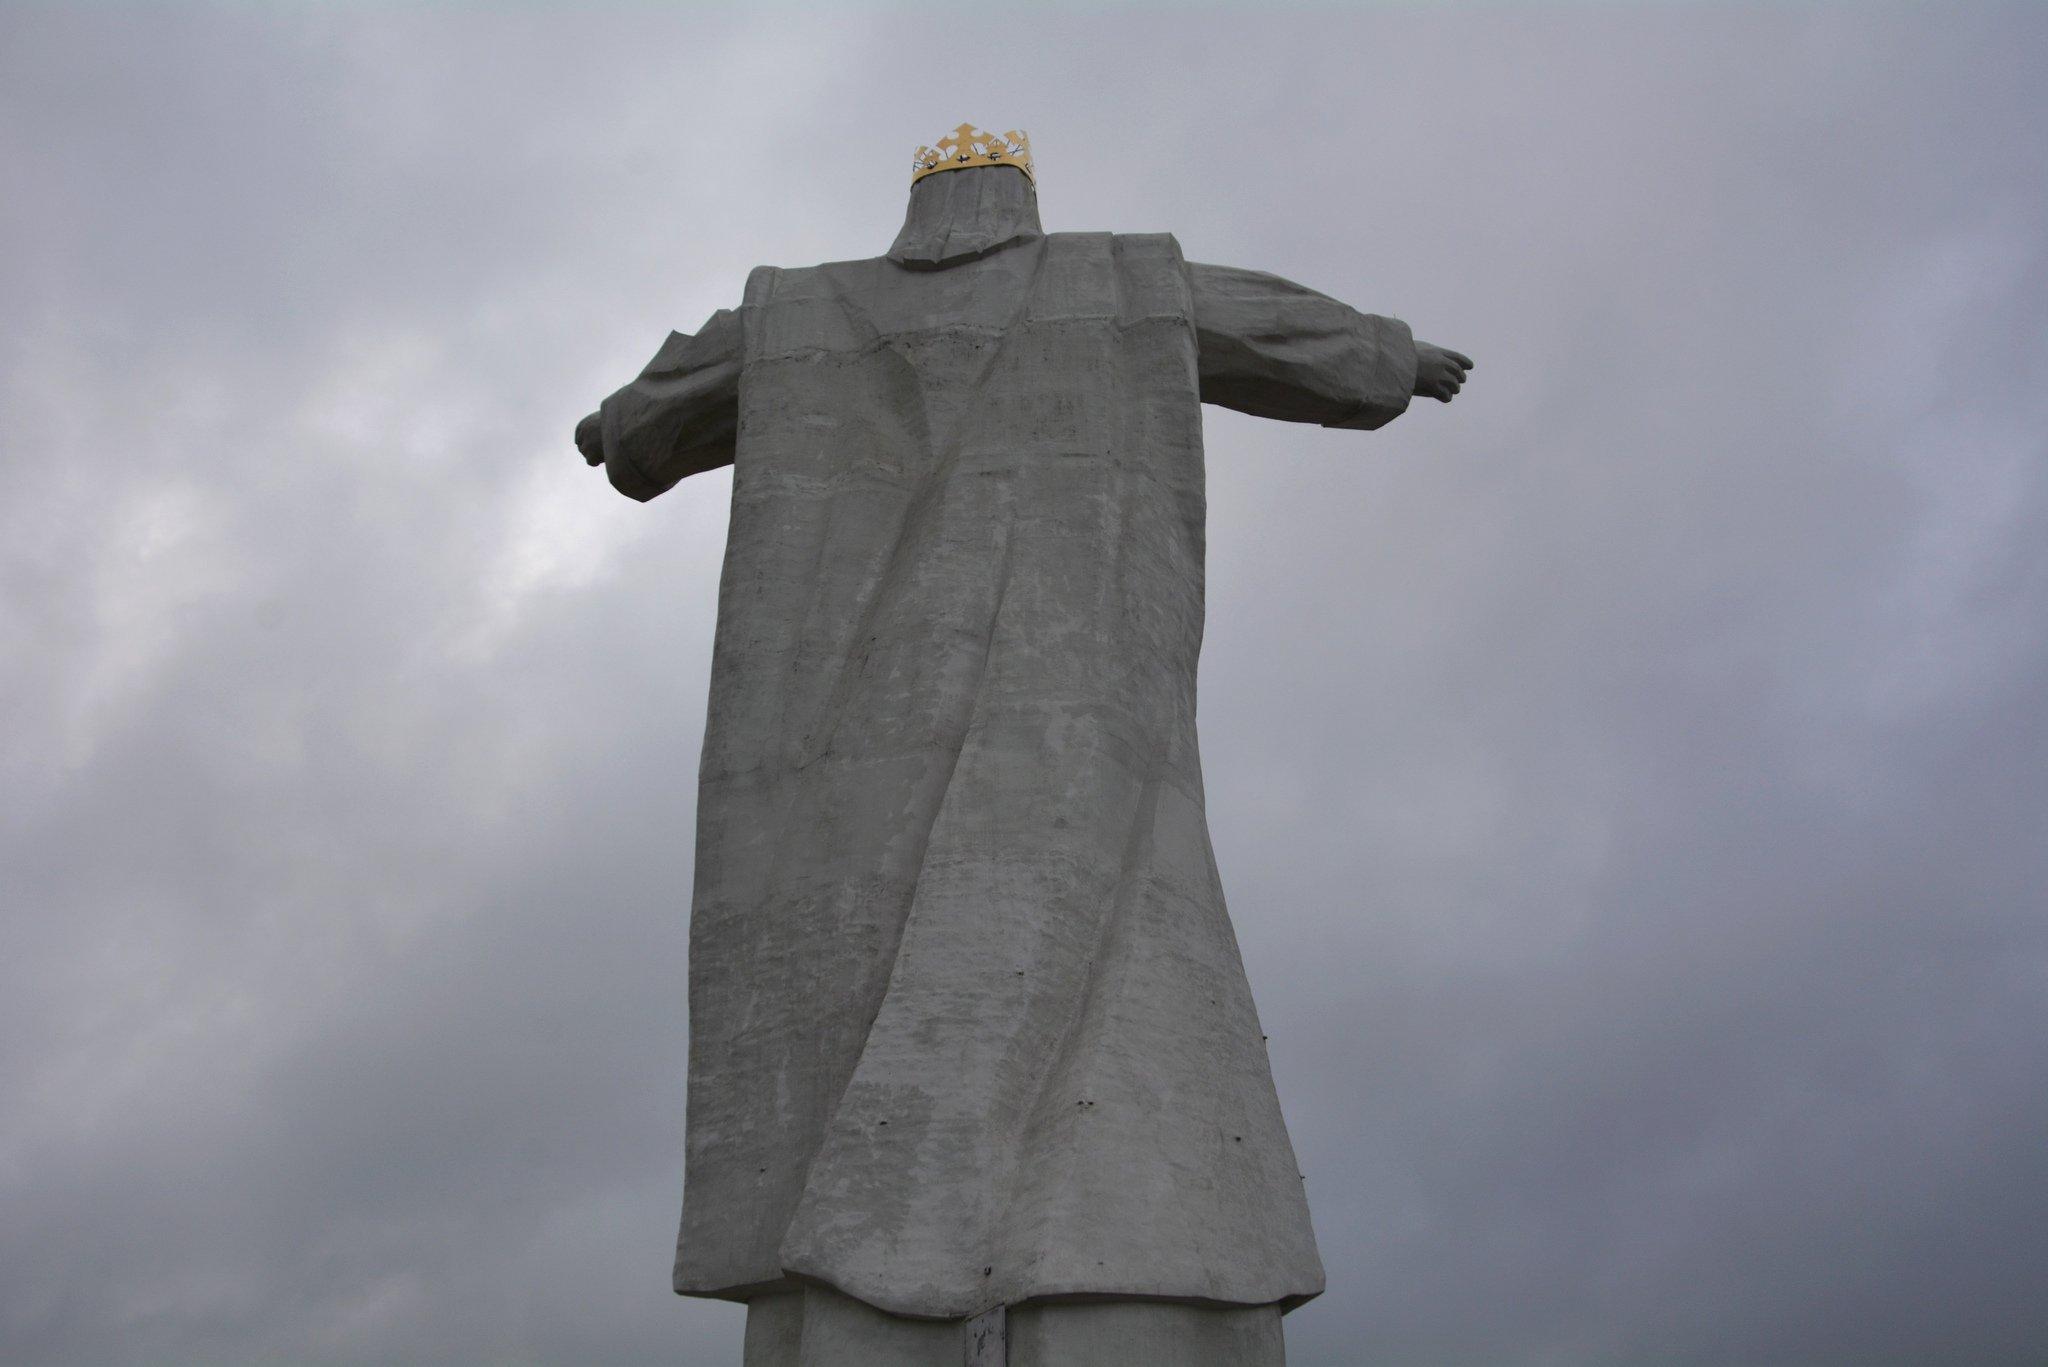 Pomnik Chrystusa Krola jesus statue swiebodzin poland back view